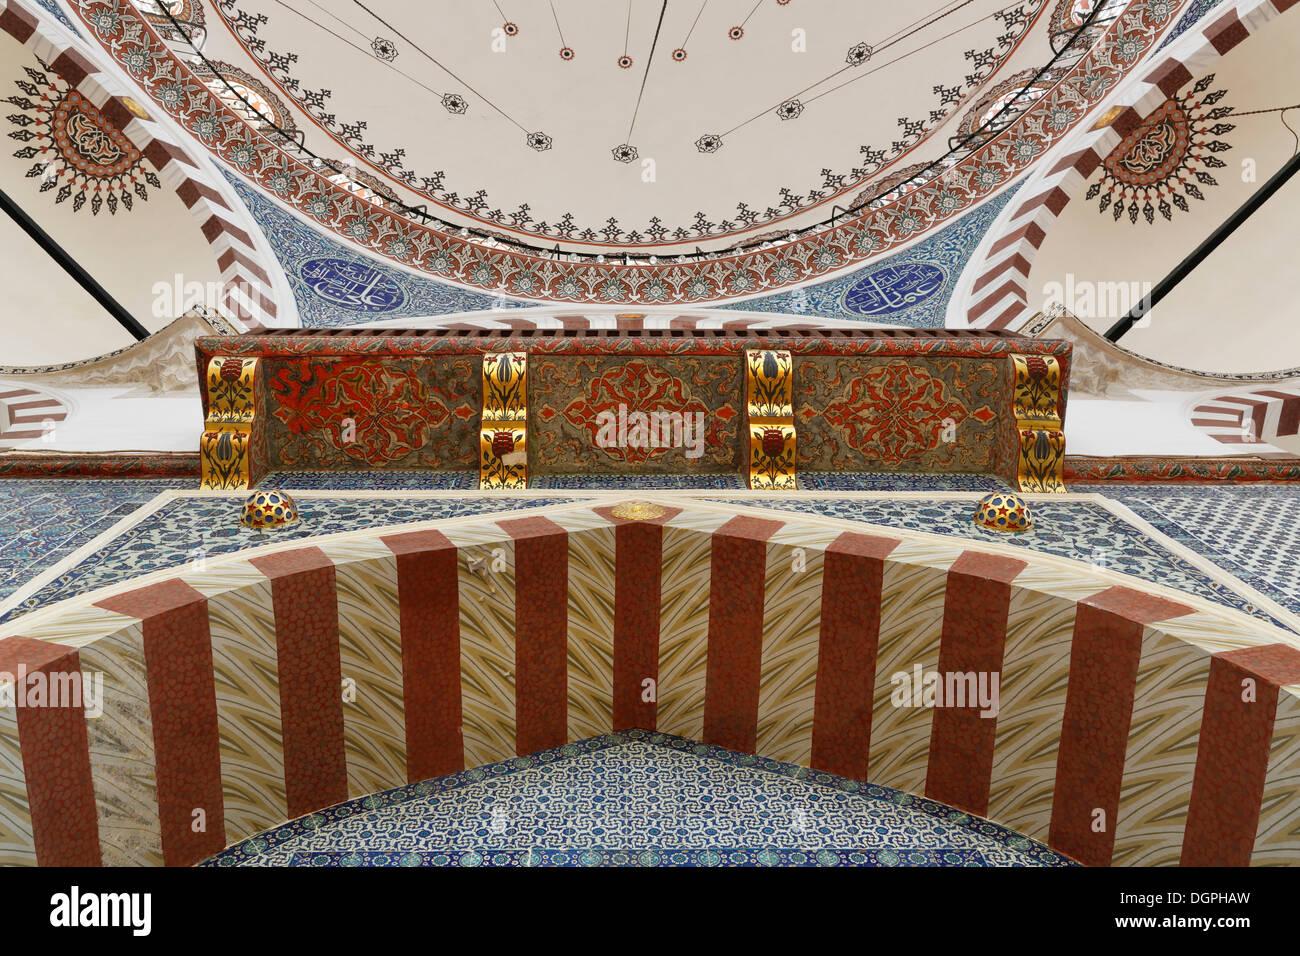 Ruestem Pasha moschea, ingresso visto dal di sotto, Istanbul, Turchia, Europa, Istanbul, Provincia di Istanbul, Turchia Immagini Stock